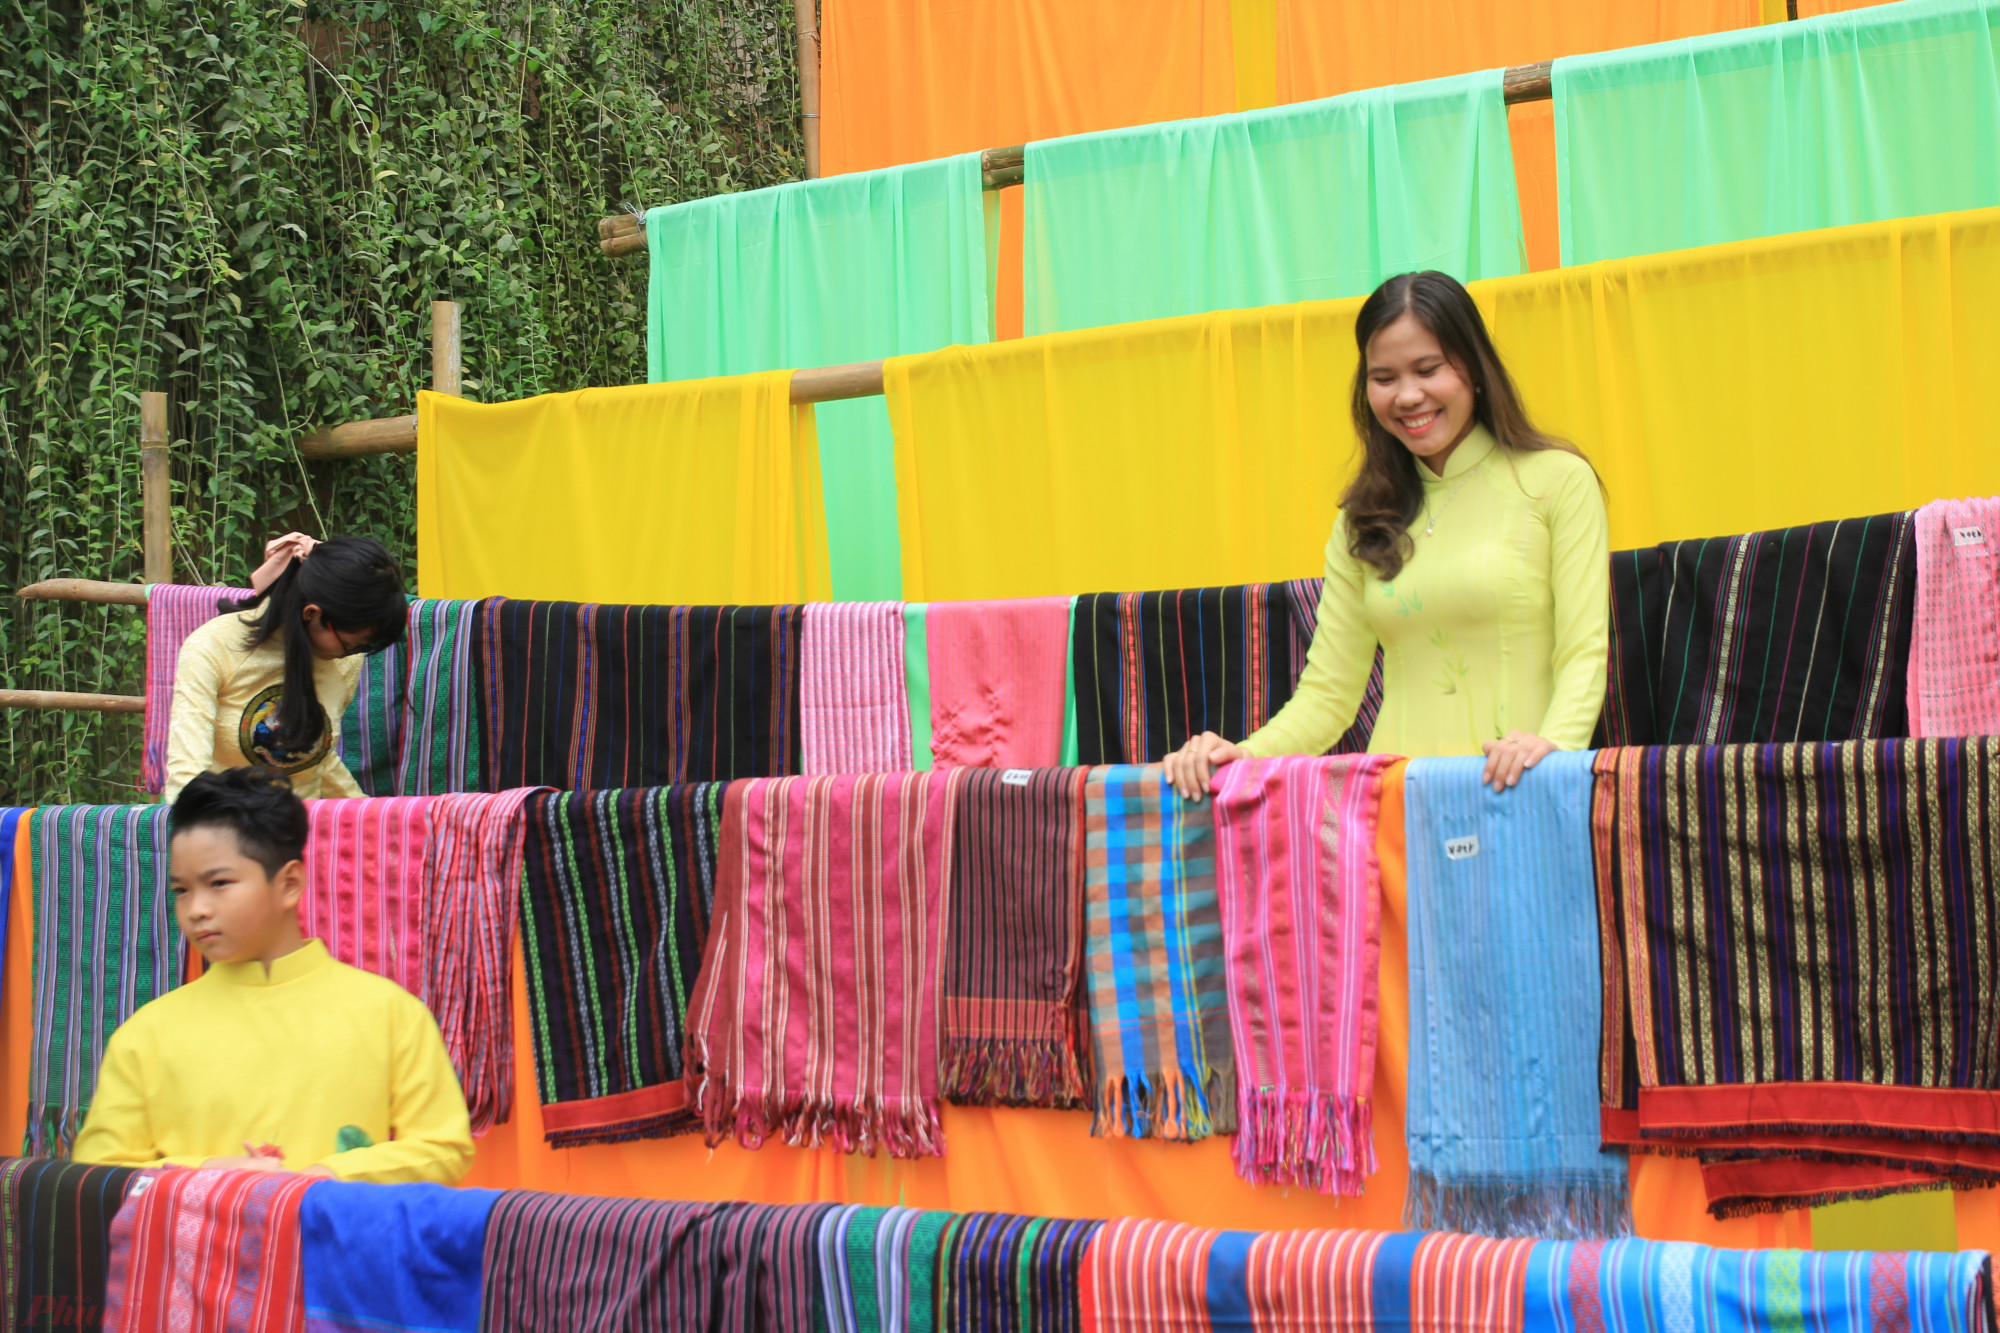 """Rất nhiều loại khăn đặc trưng của các dân tộc ít người xuất hiện trên """"phố ông Đồ"""" trở thành nơi chụp ảnh lý tưởng cho các bạn trẻ"""